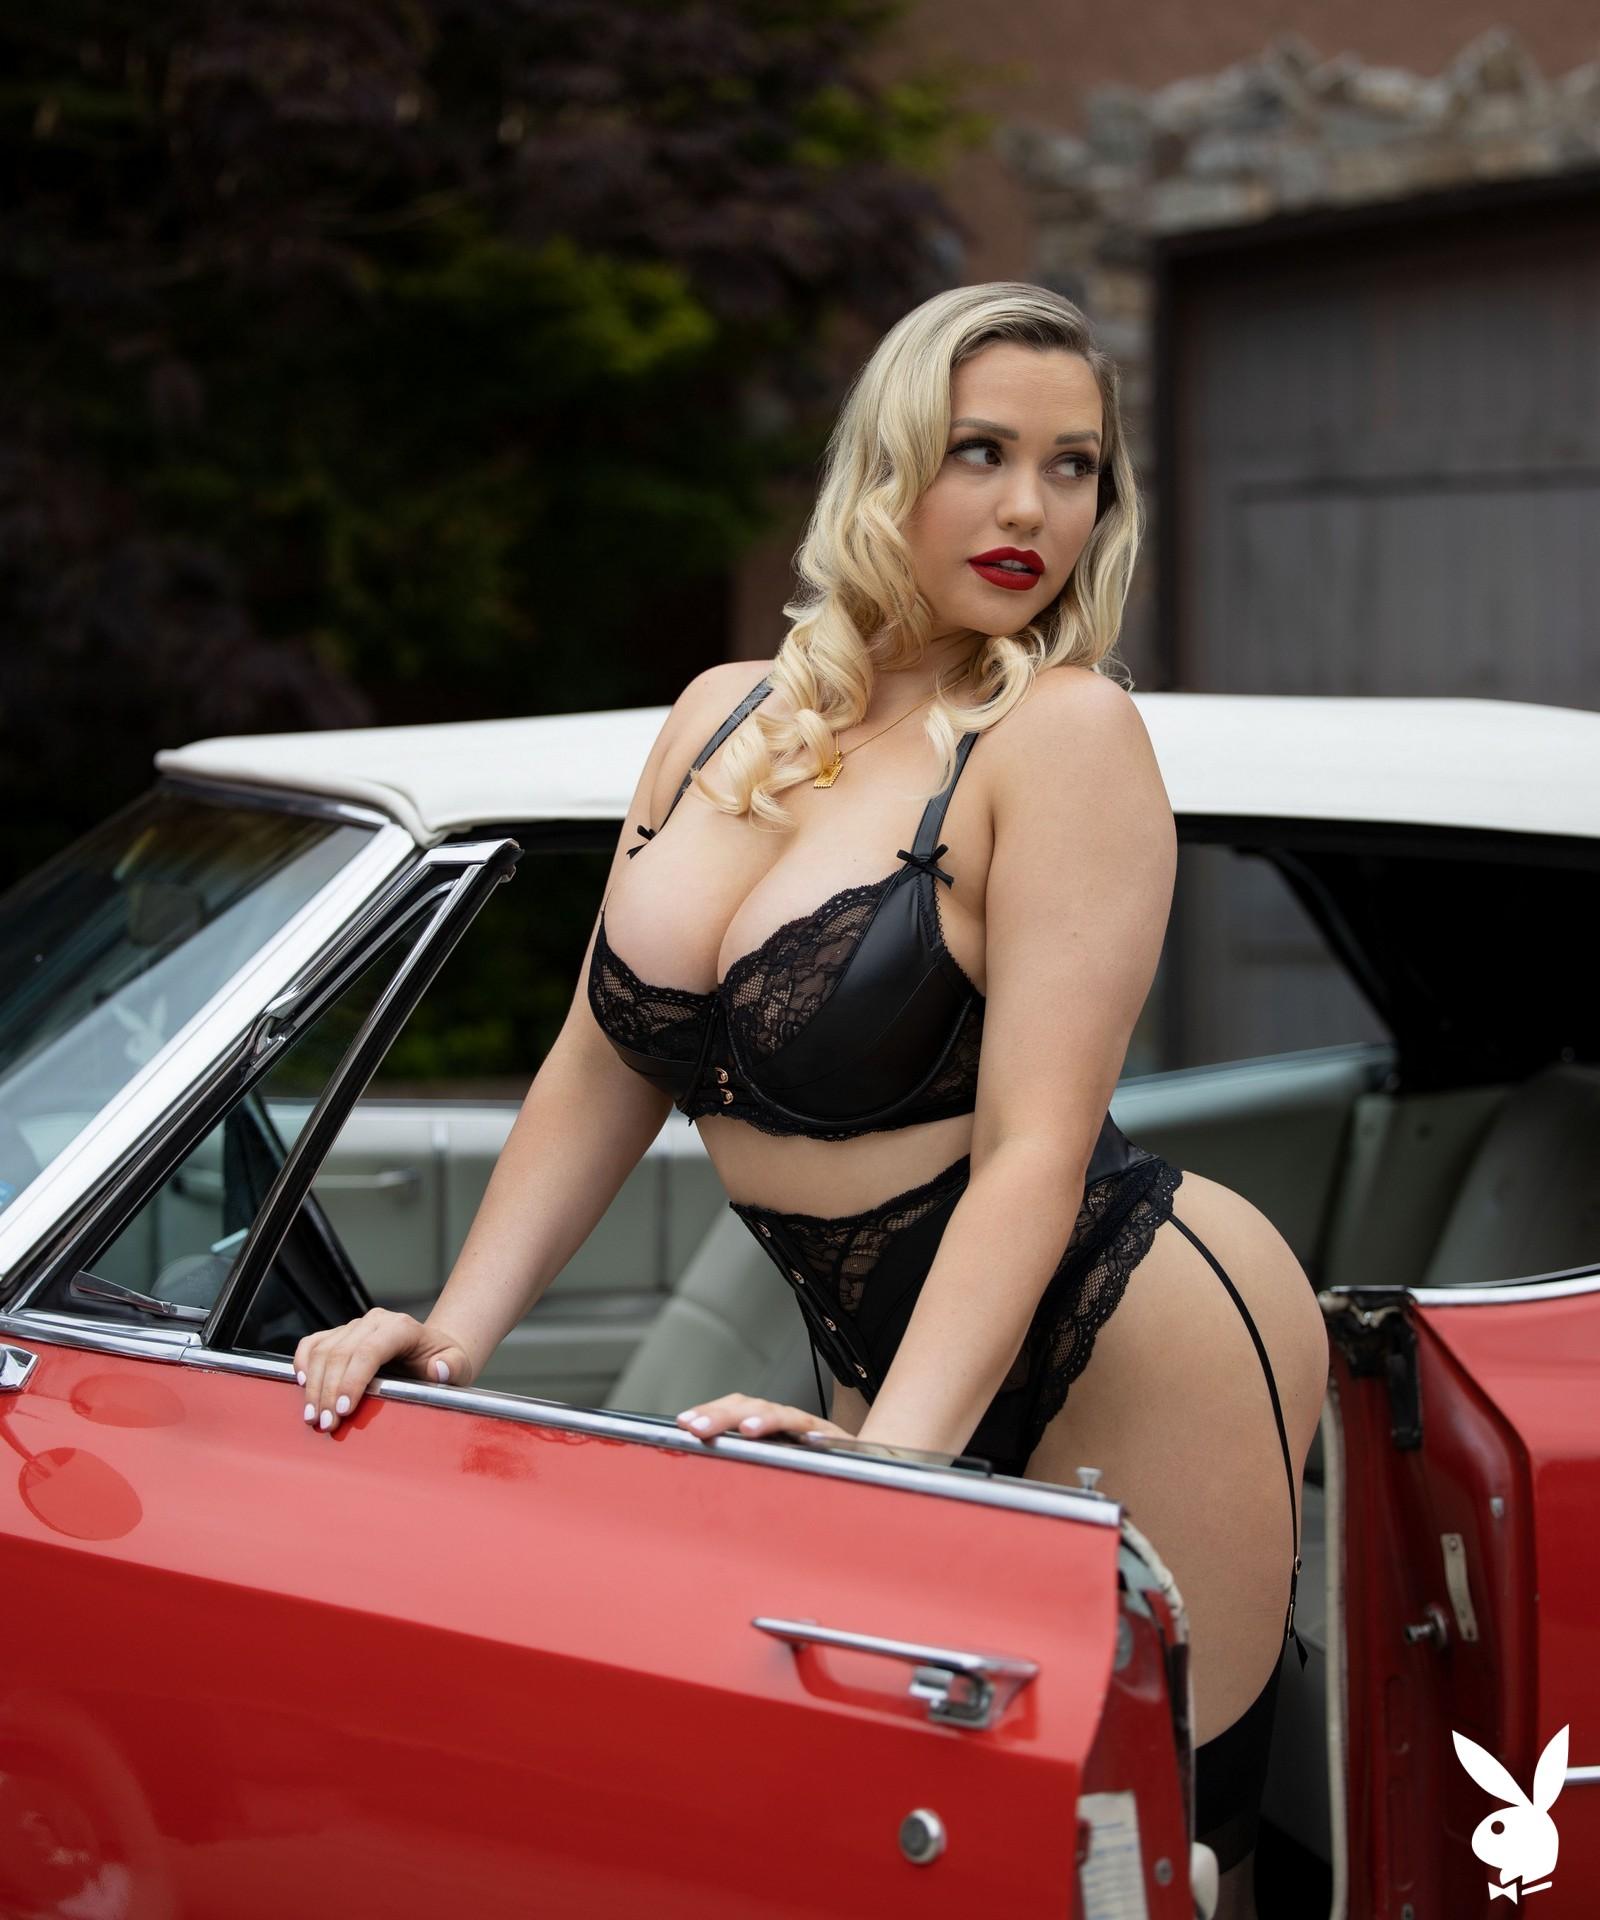 Mia Malkova In Drive Me Wild Playboy Plus (2)